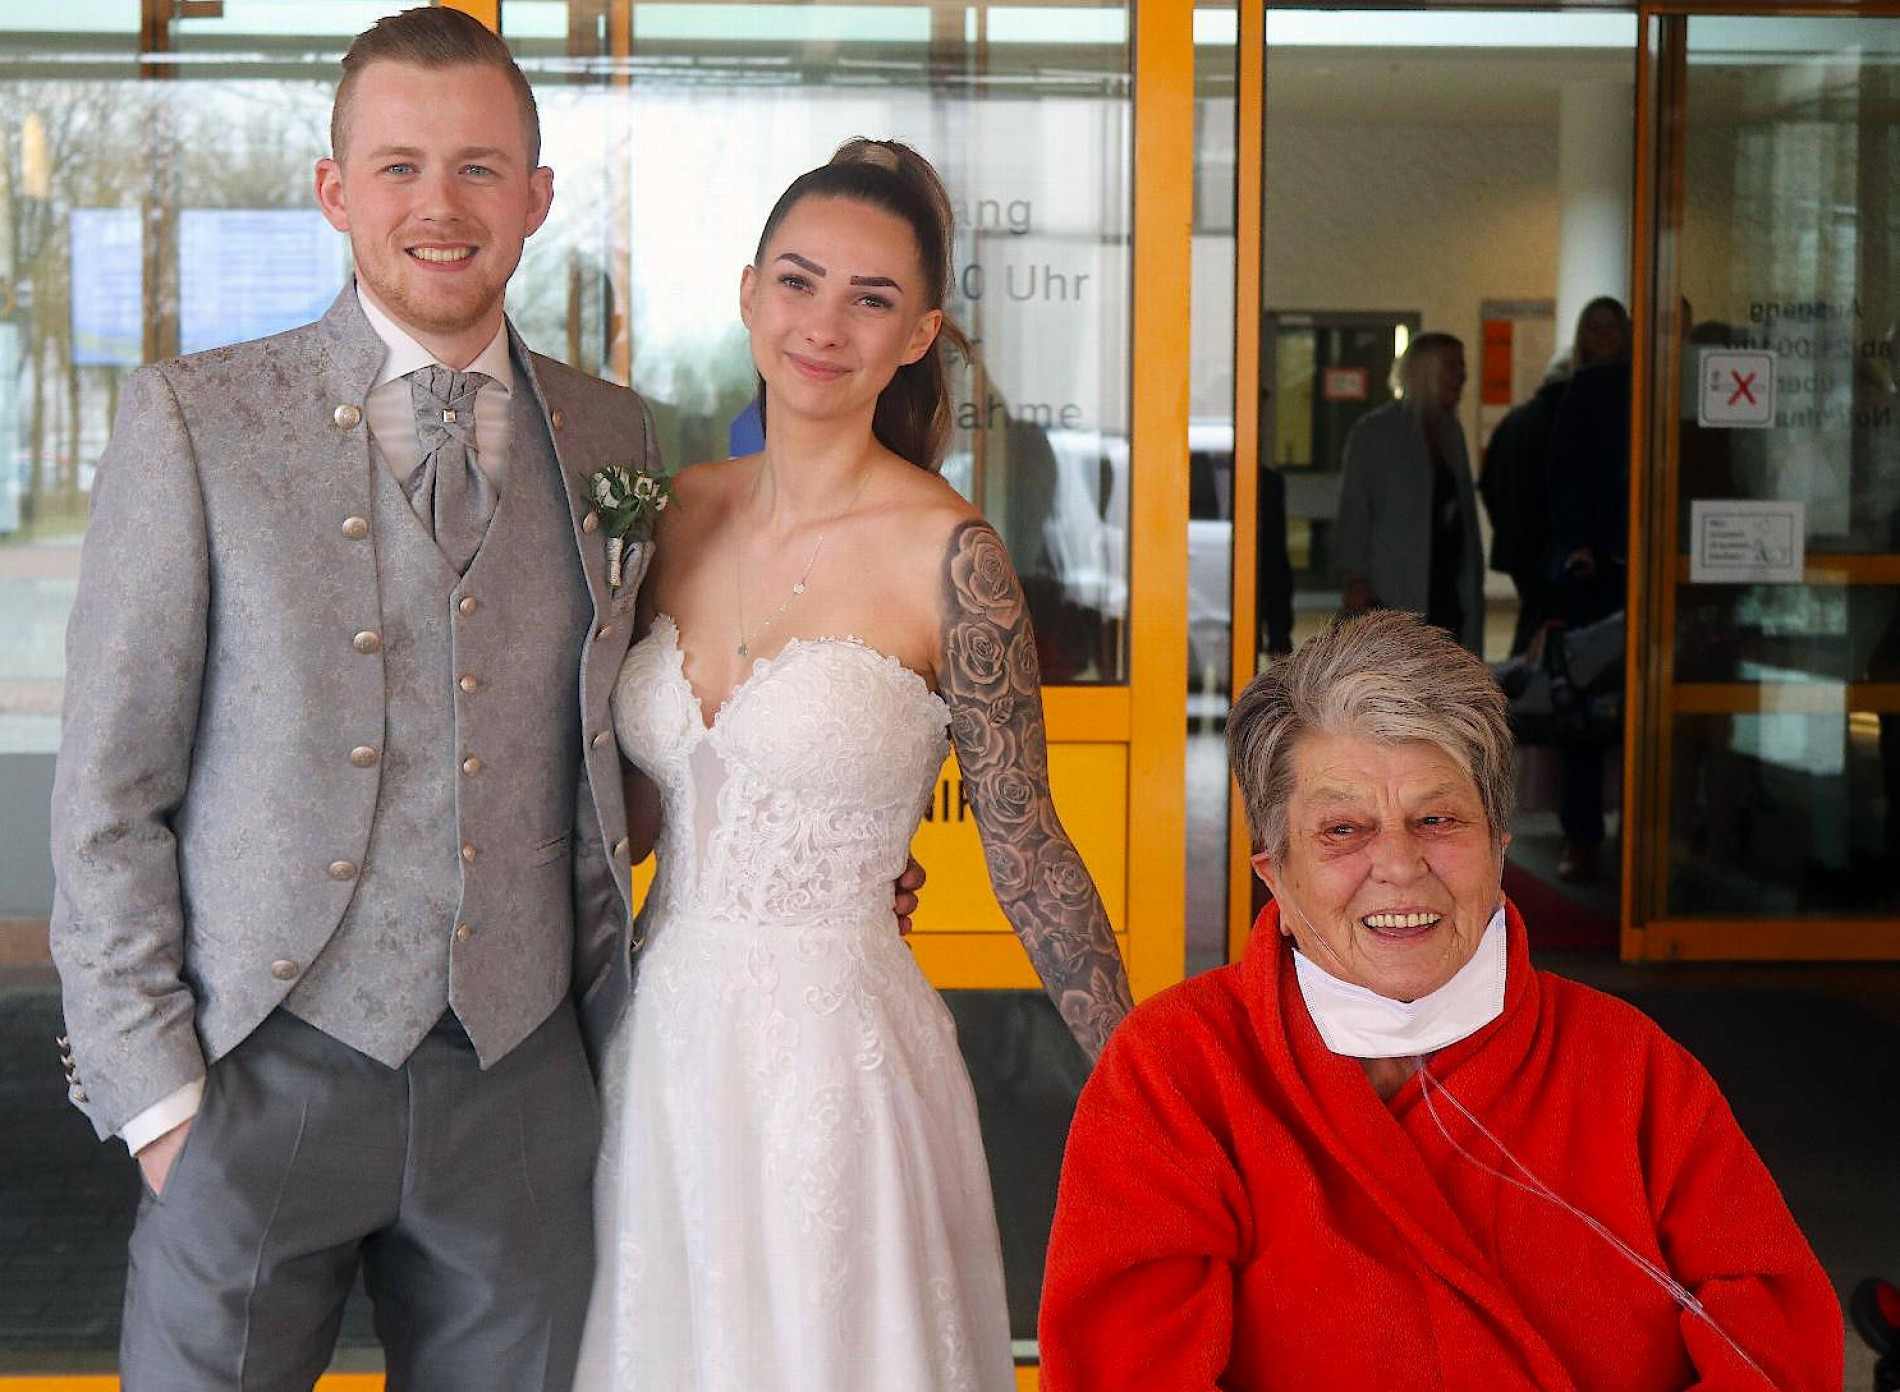 hochzeit im krankenhaus: nicht ohne die oma